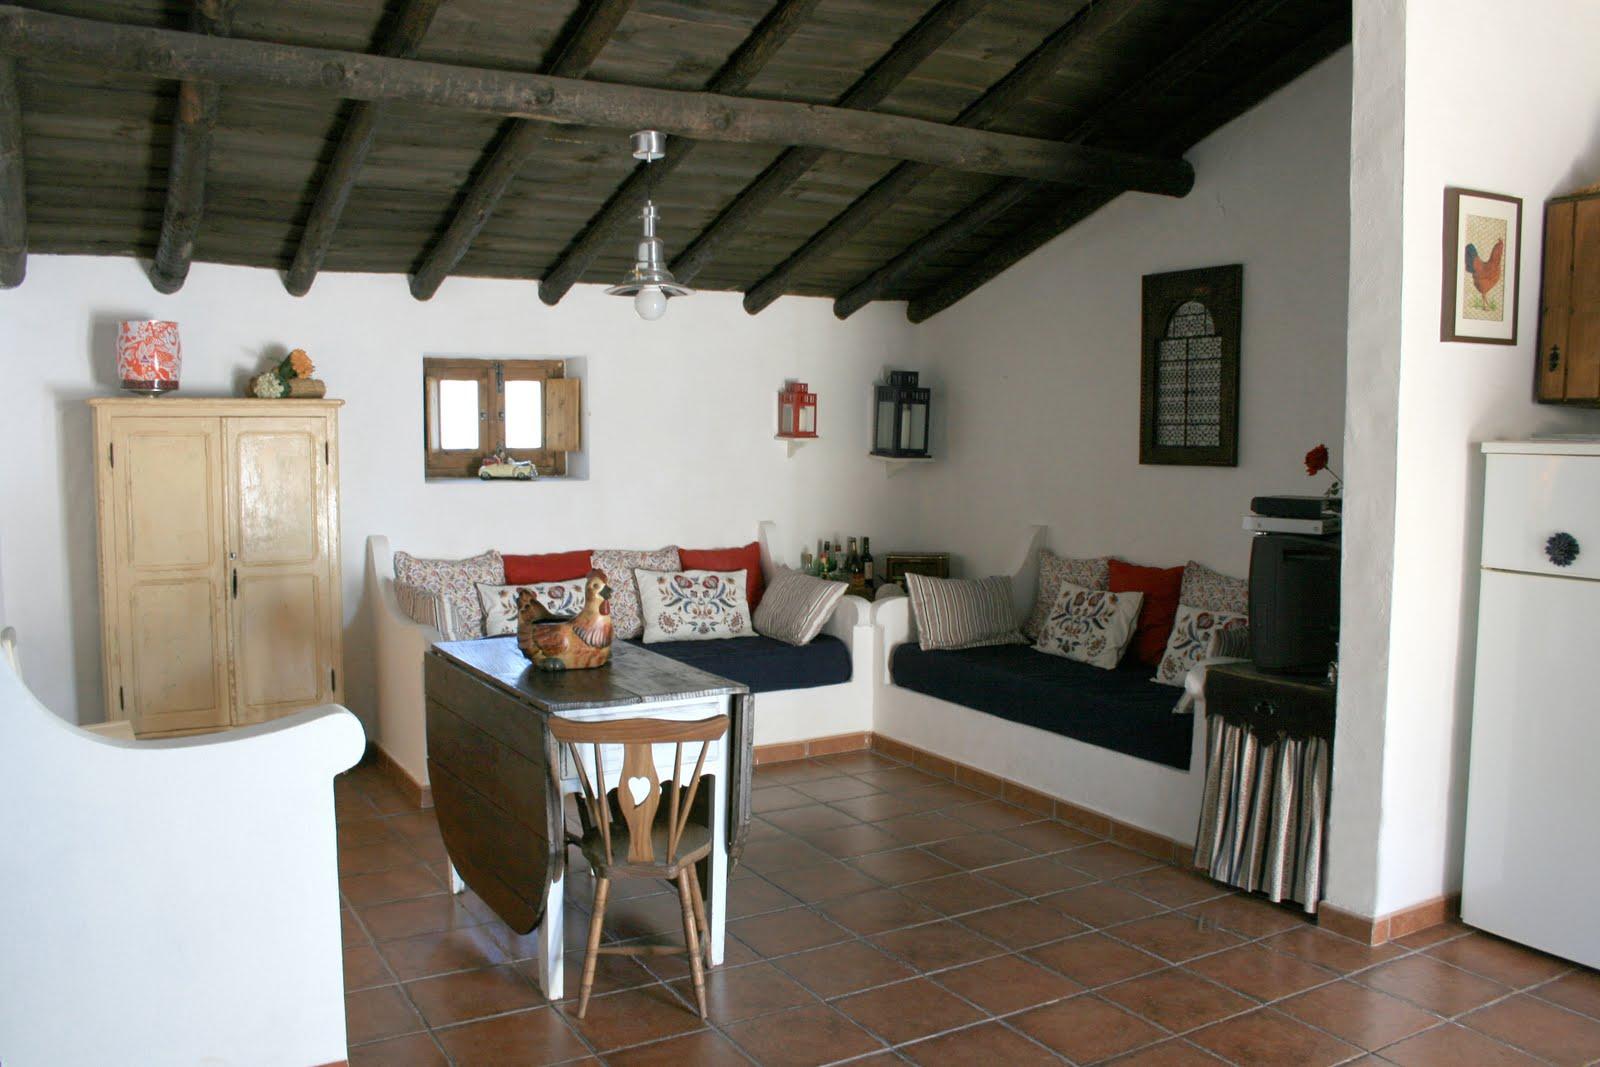 #624A38 Três Marias: Arquitetura tipicamente alentejana. Entrada pela cozinha  1600x1067 px A Cozinha Mais Recente Projeta Fotos_836 Imagens